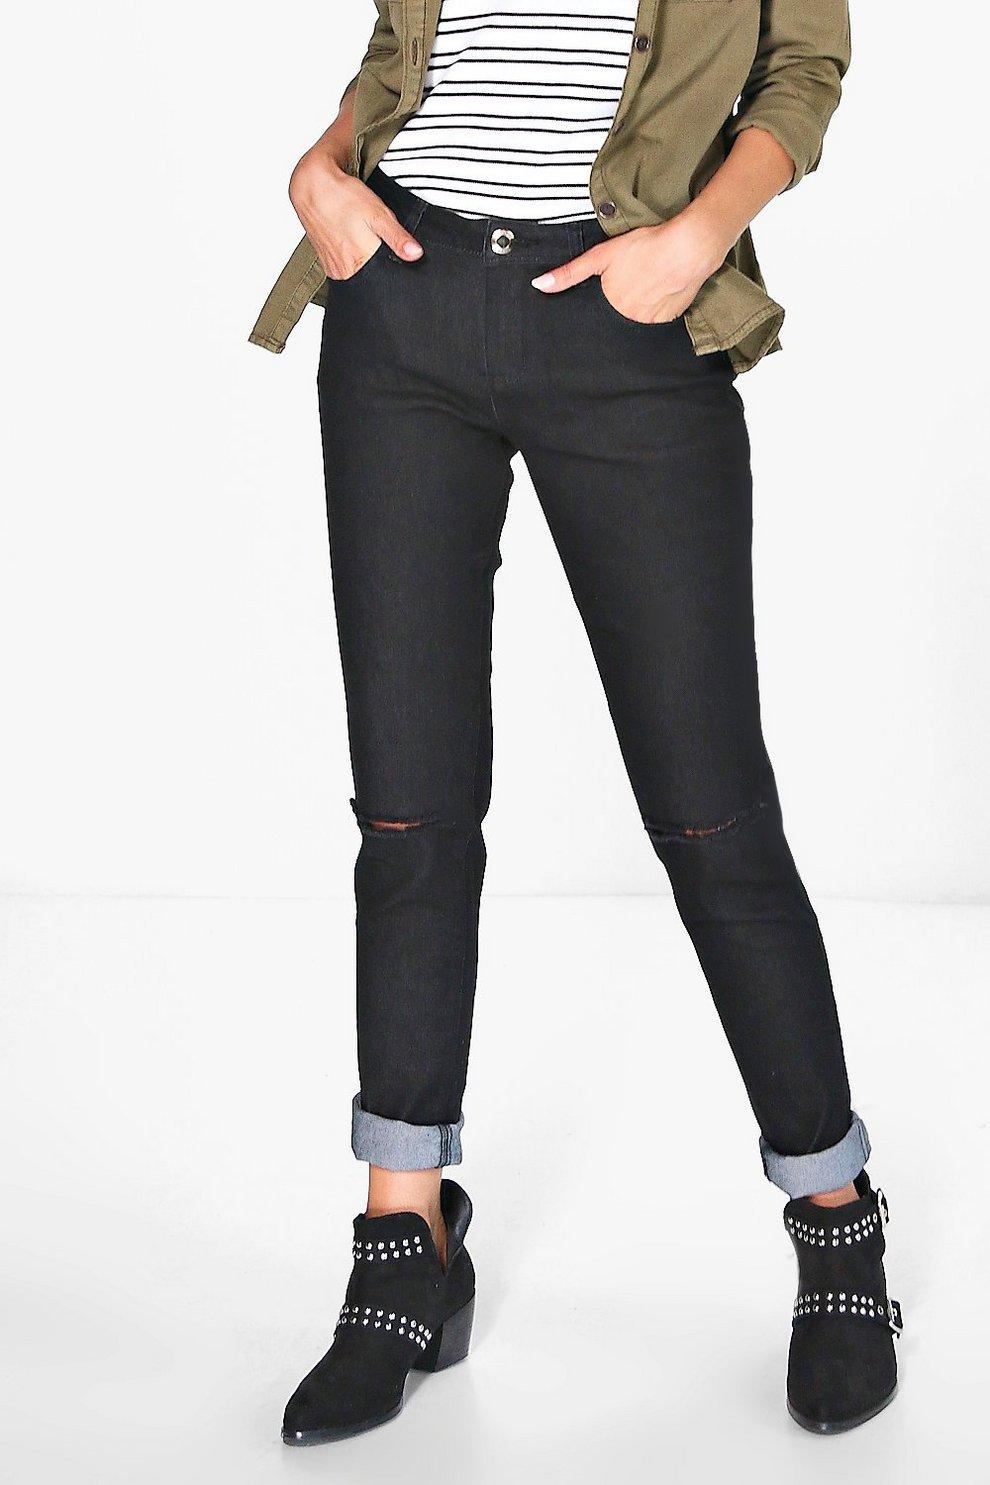 34 xl skinny jeans